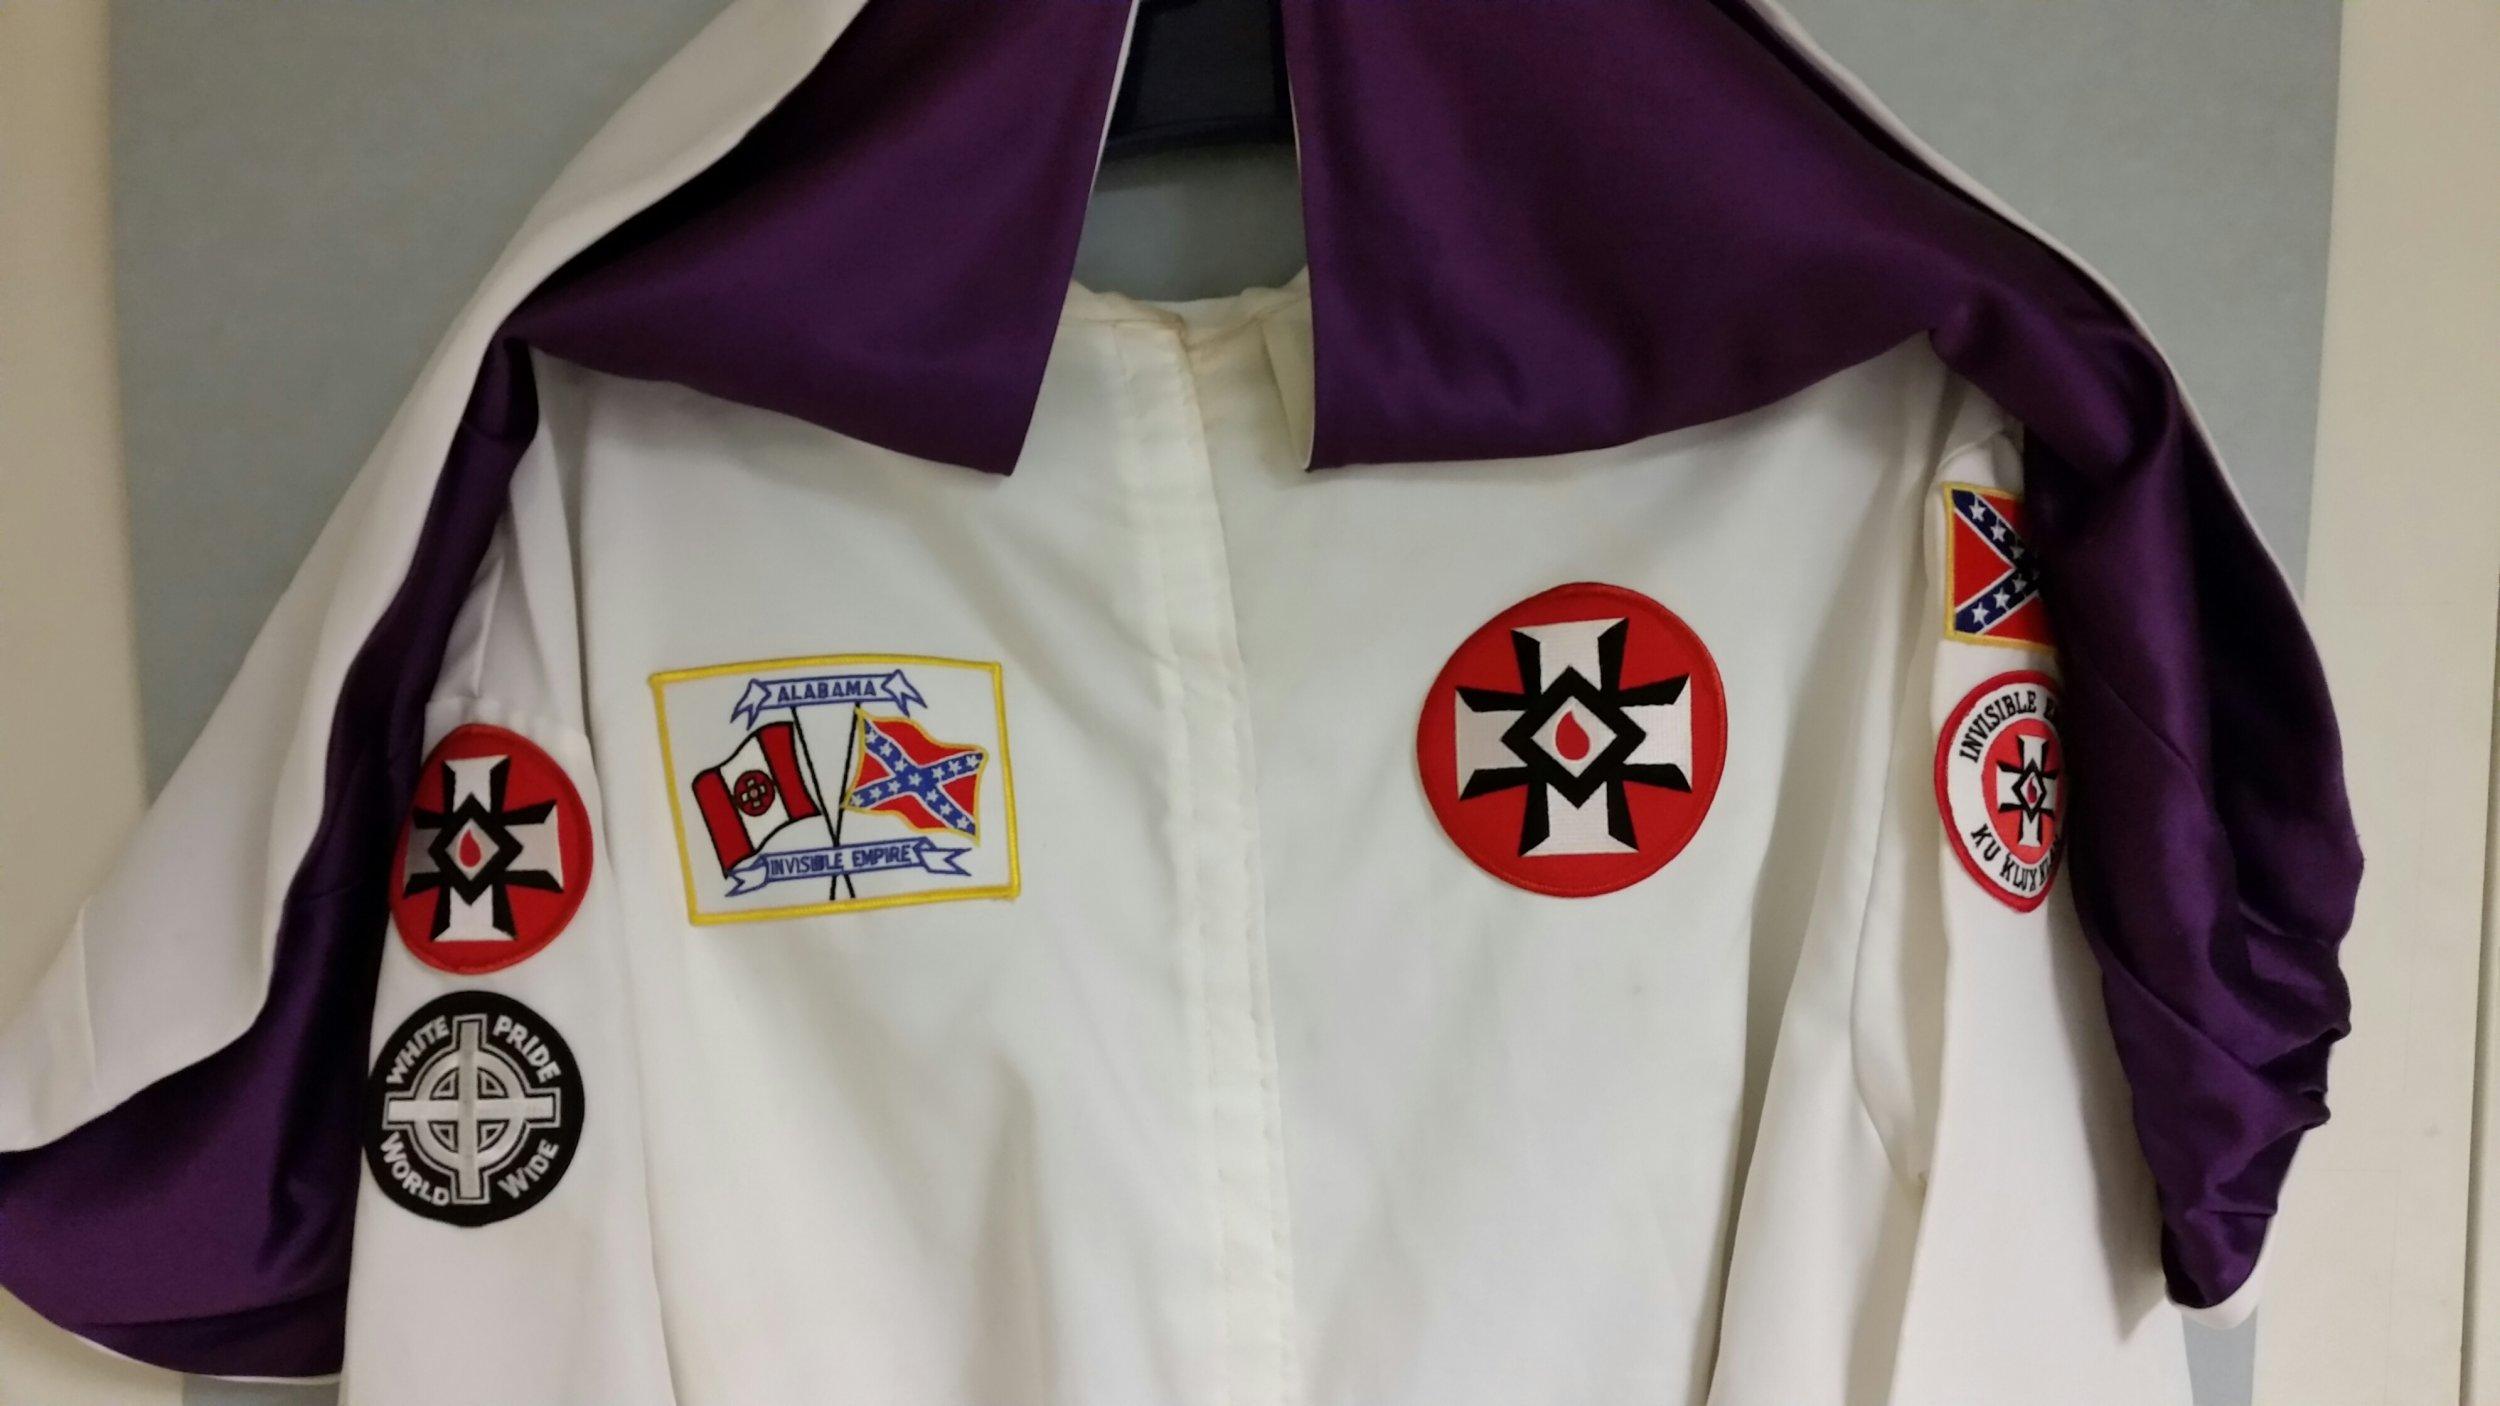 KKK ceremonial robe